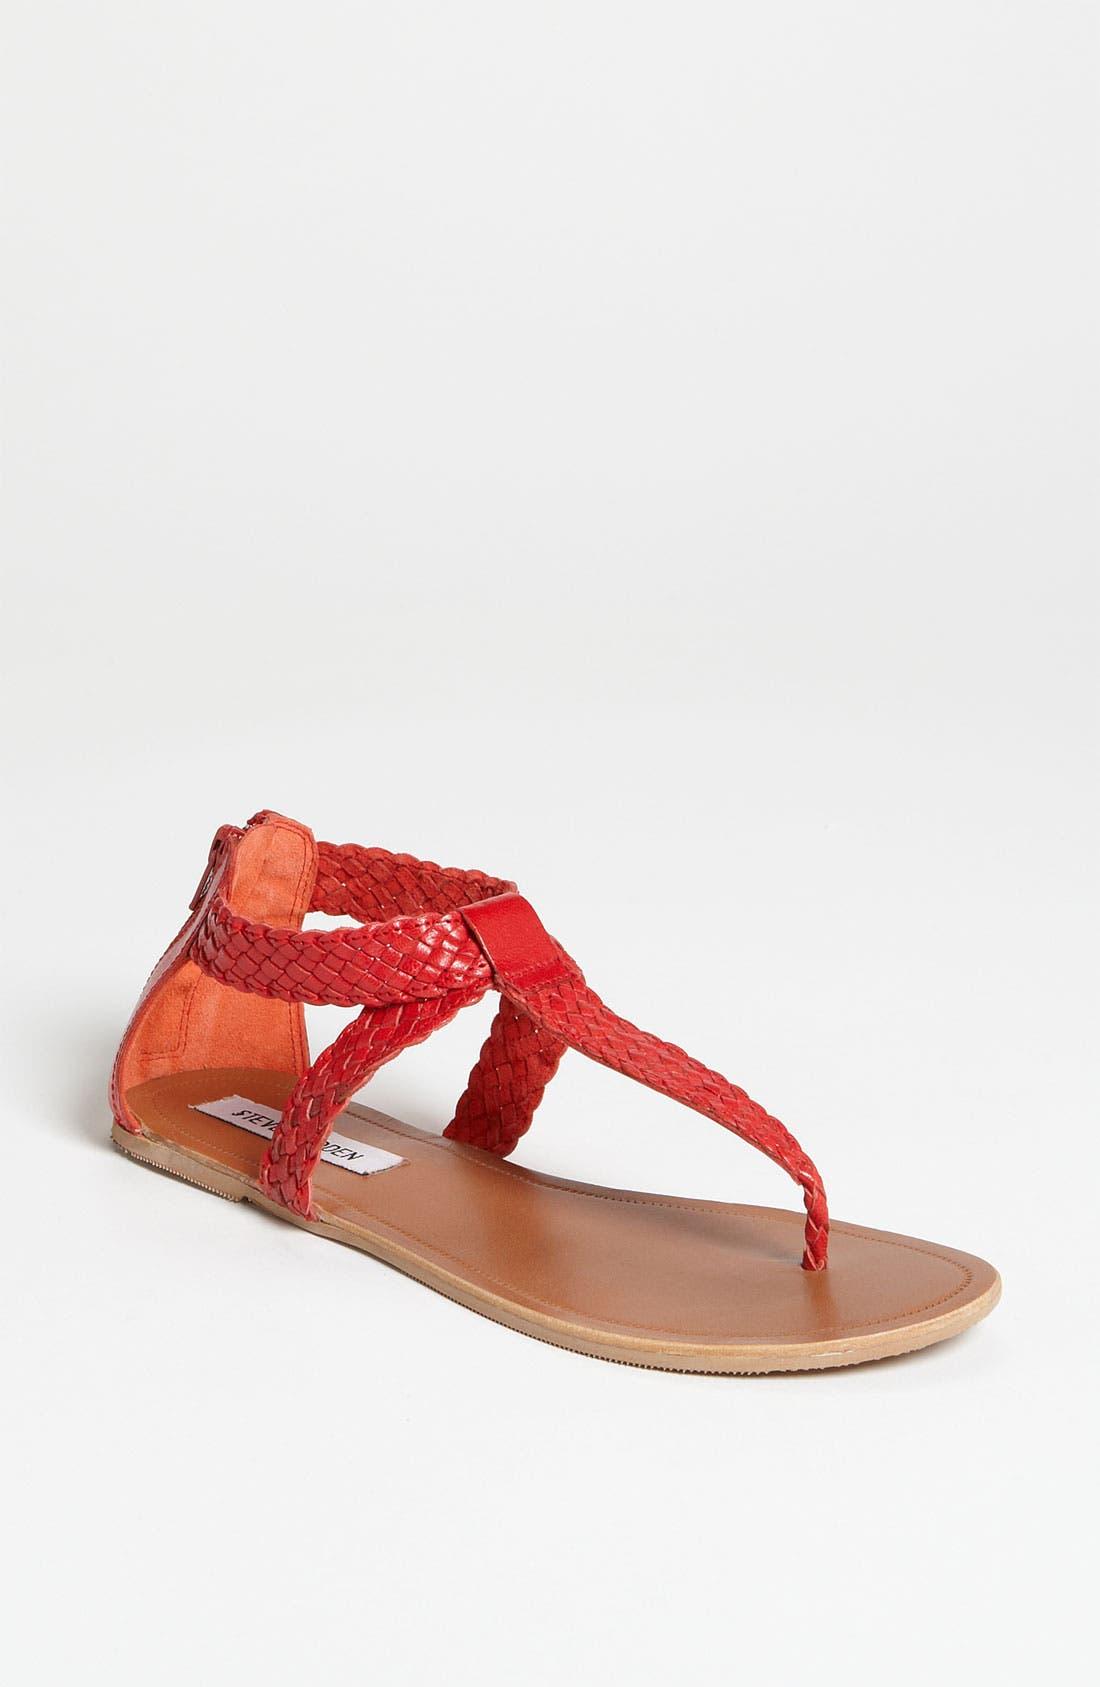 Main Image - Steve Madden 'Pressto' Sandal